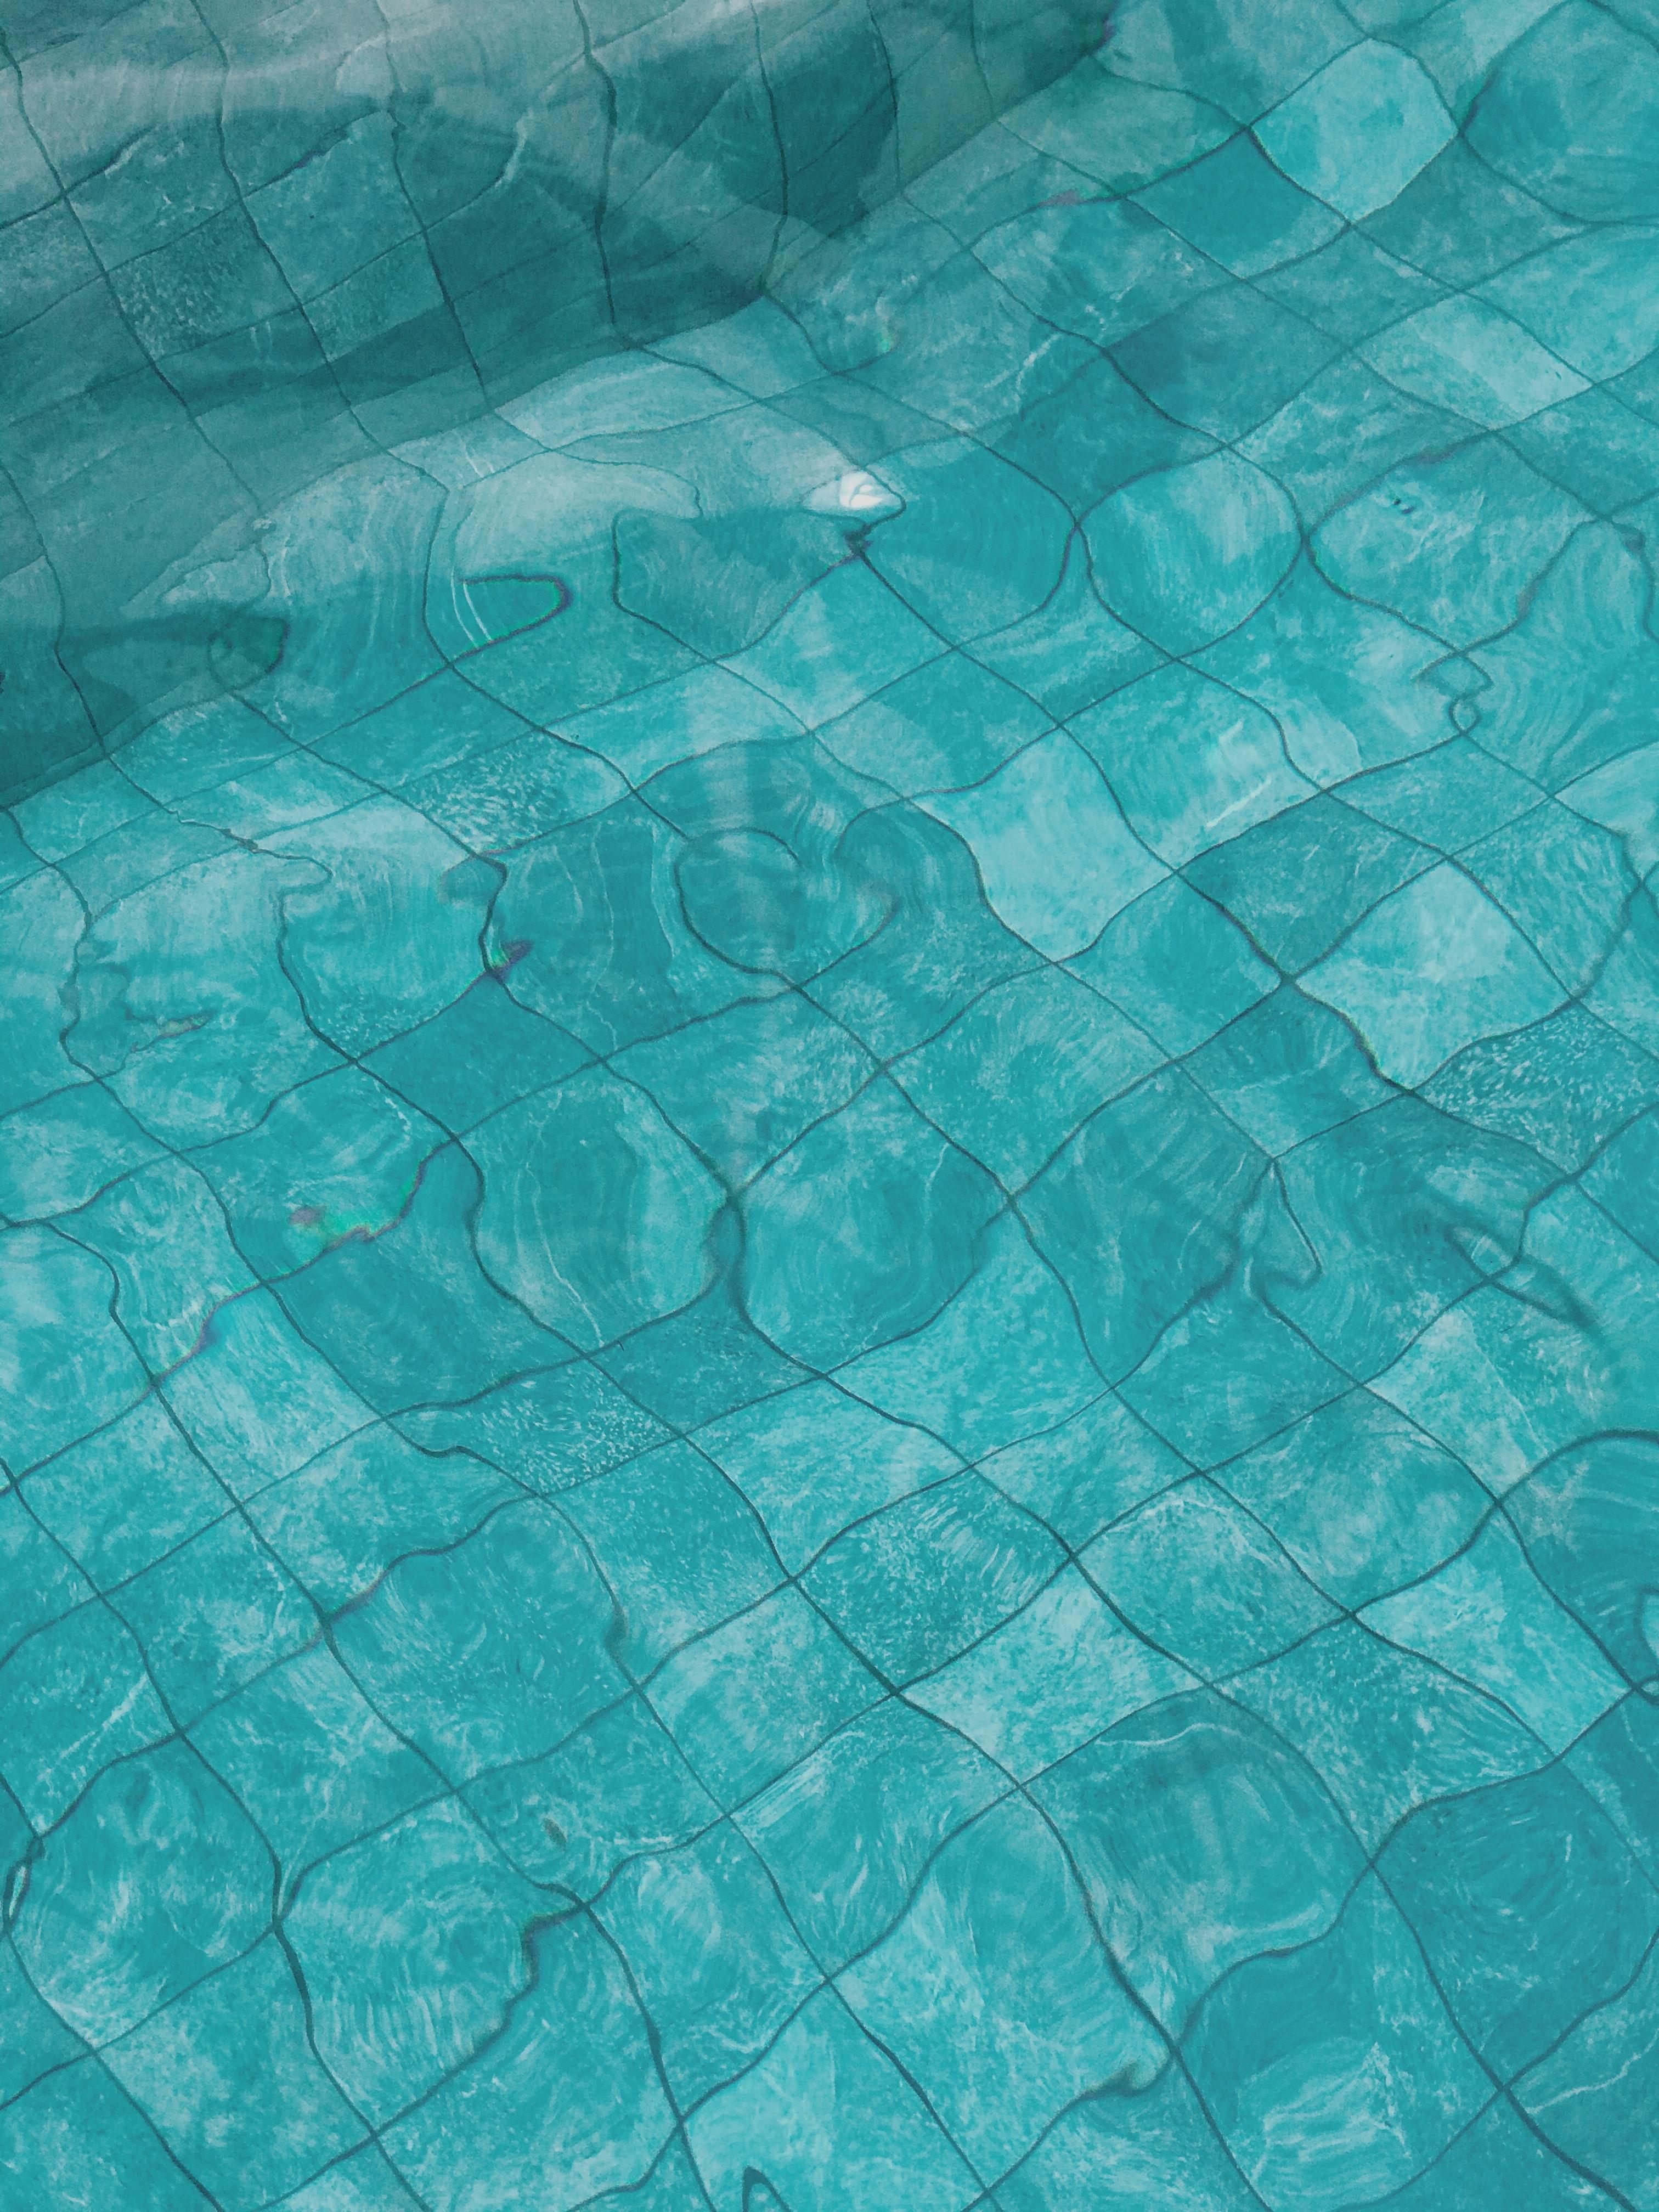 88073 скачать обои Спорт, Плитка, Вода, Бассейн, Искажение, Волны - заставки и картинки бесплатно